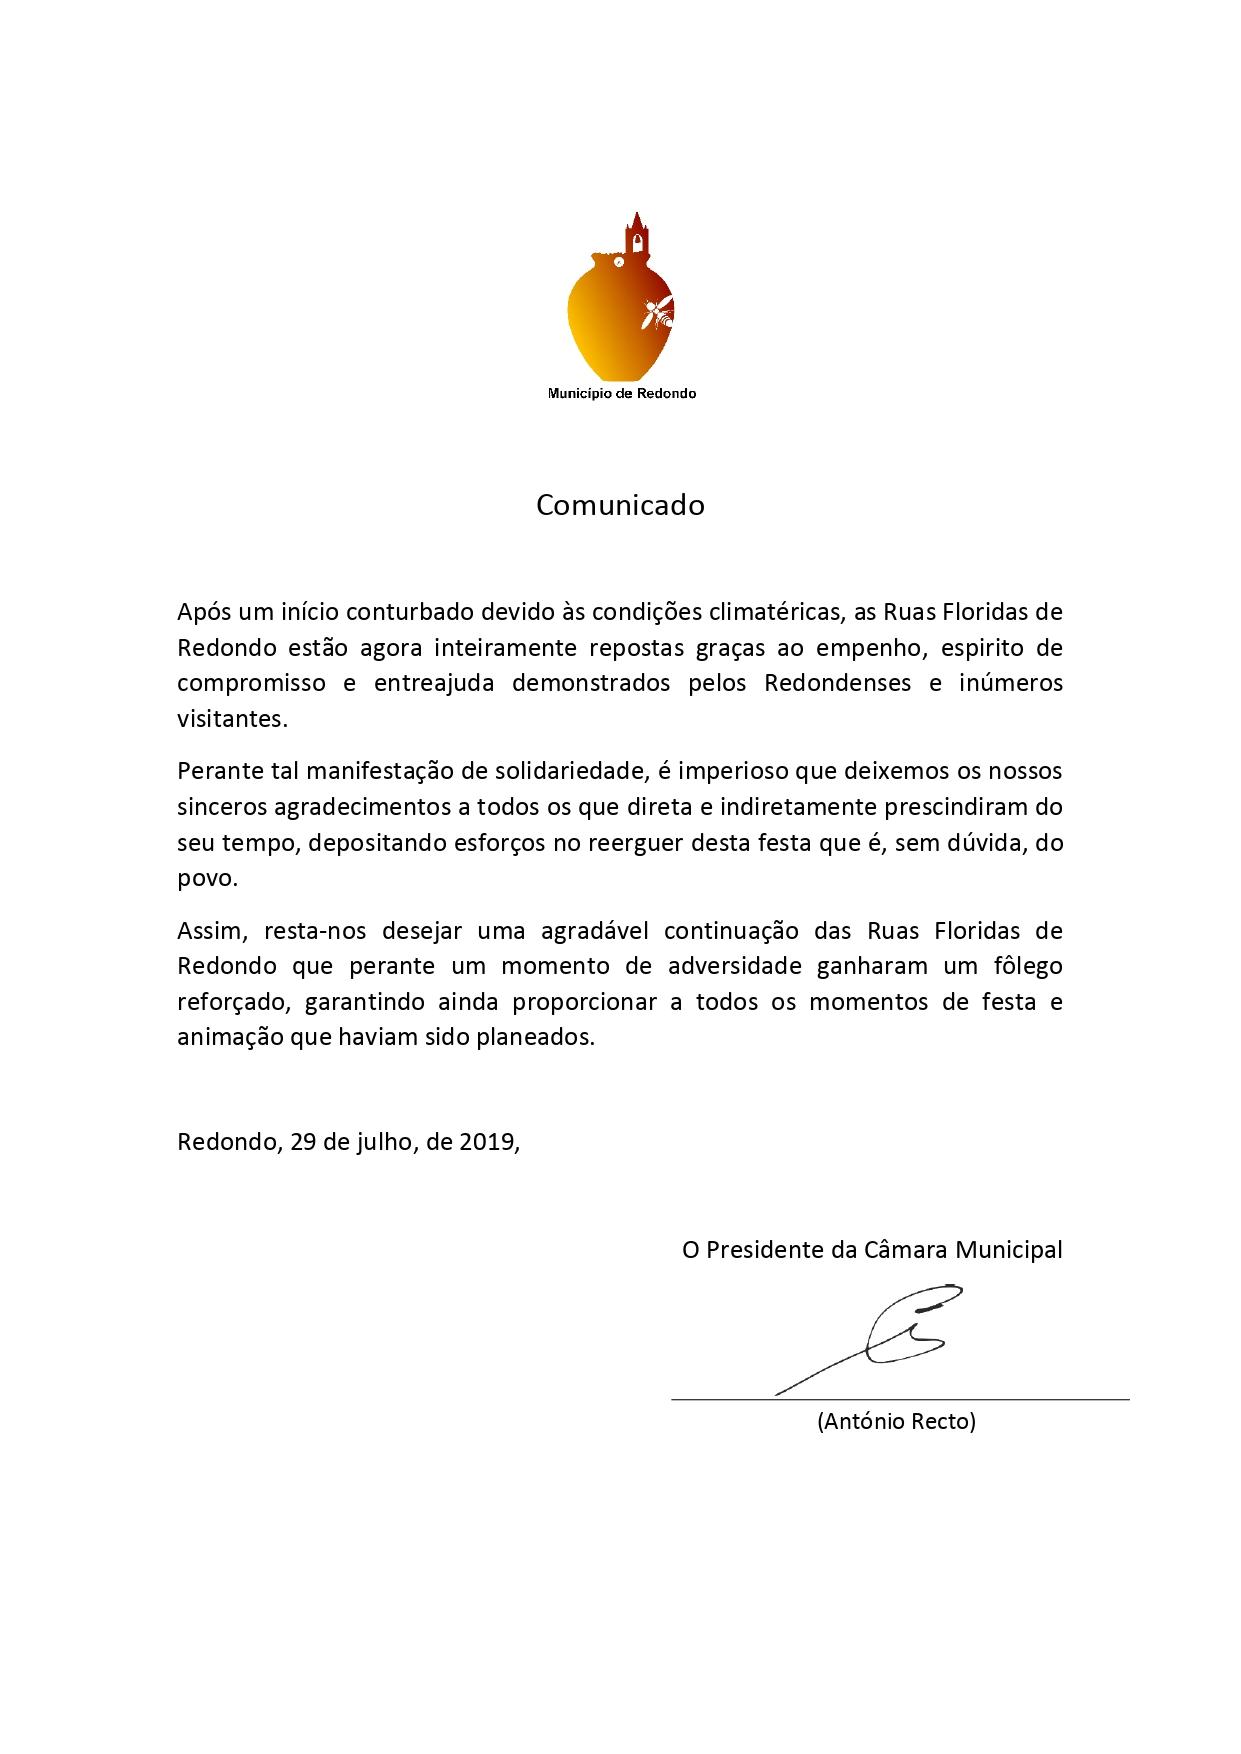 Comunicado - ruas flioridas 2 2019_page-ef19.jpg